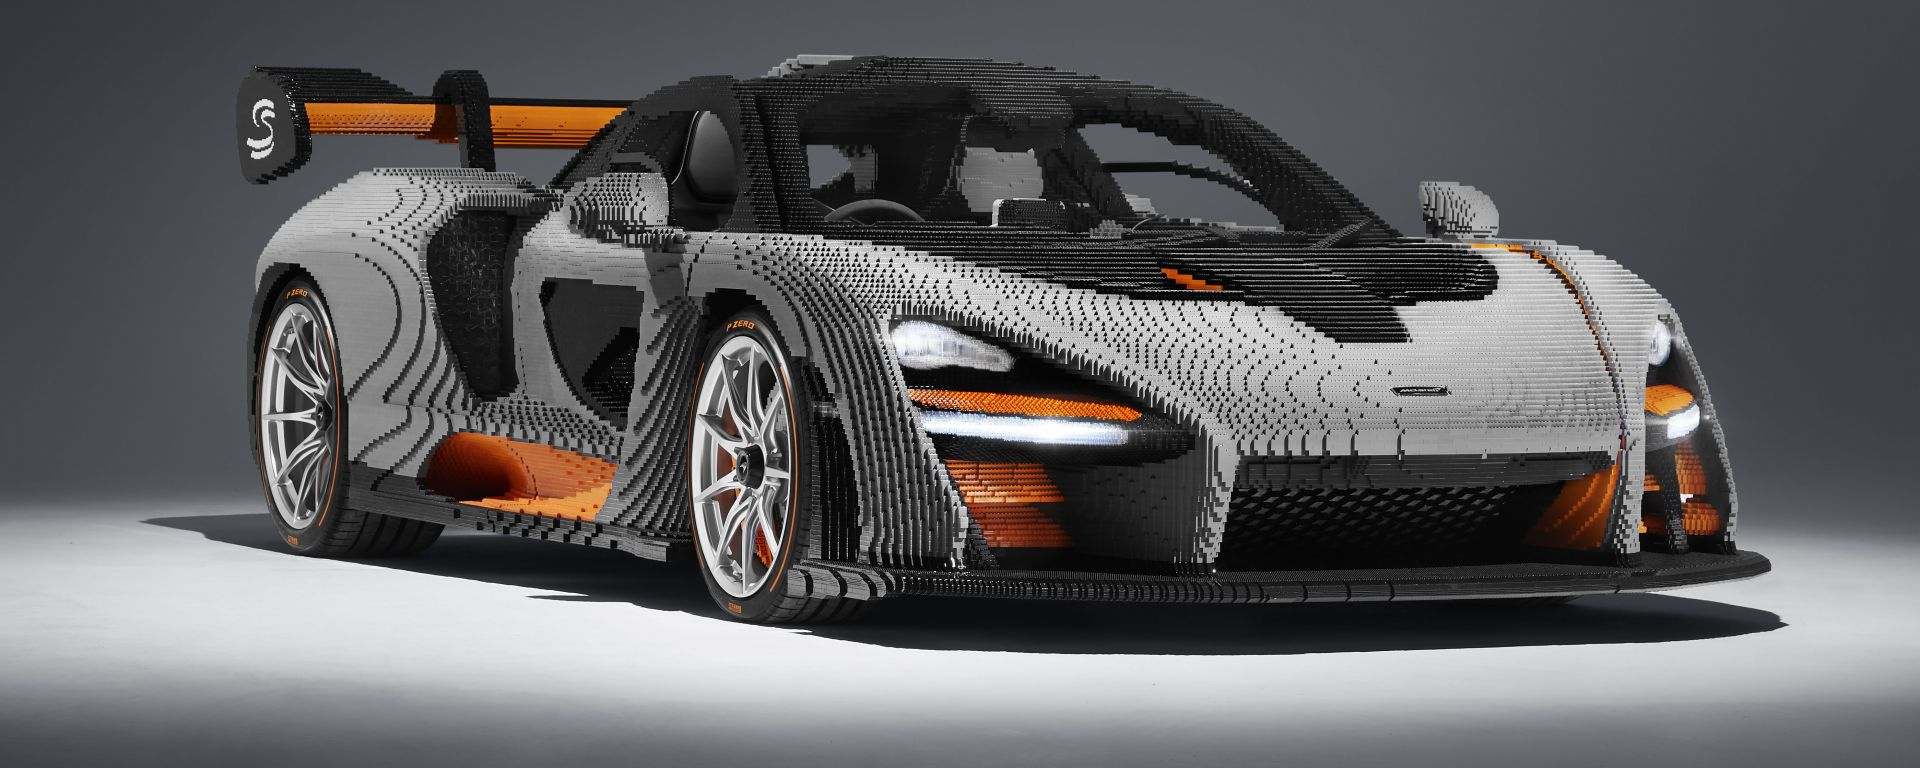 McLaren Senna: un modello a grandezza naturale fatto di Lego